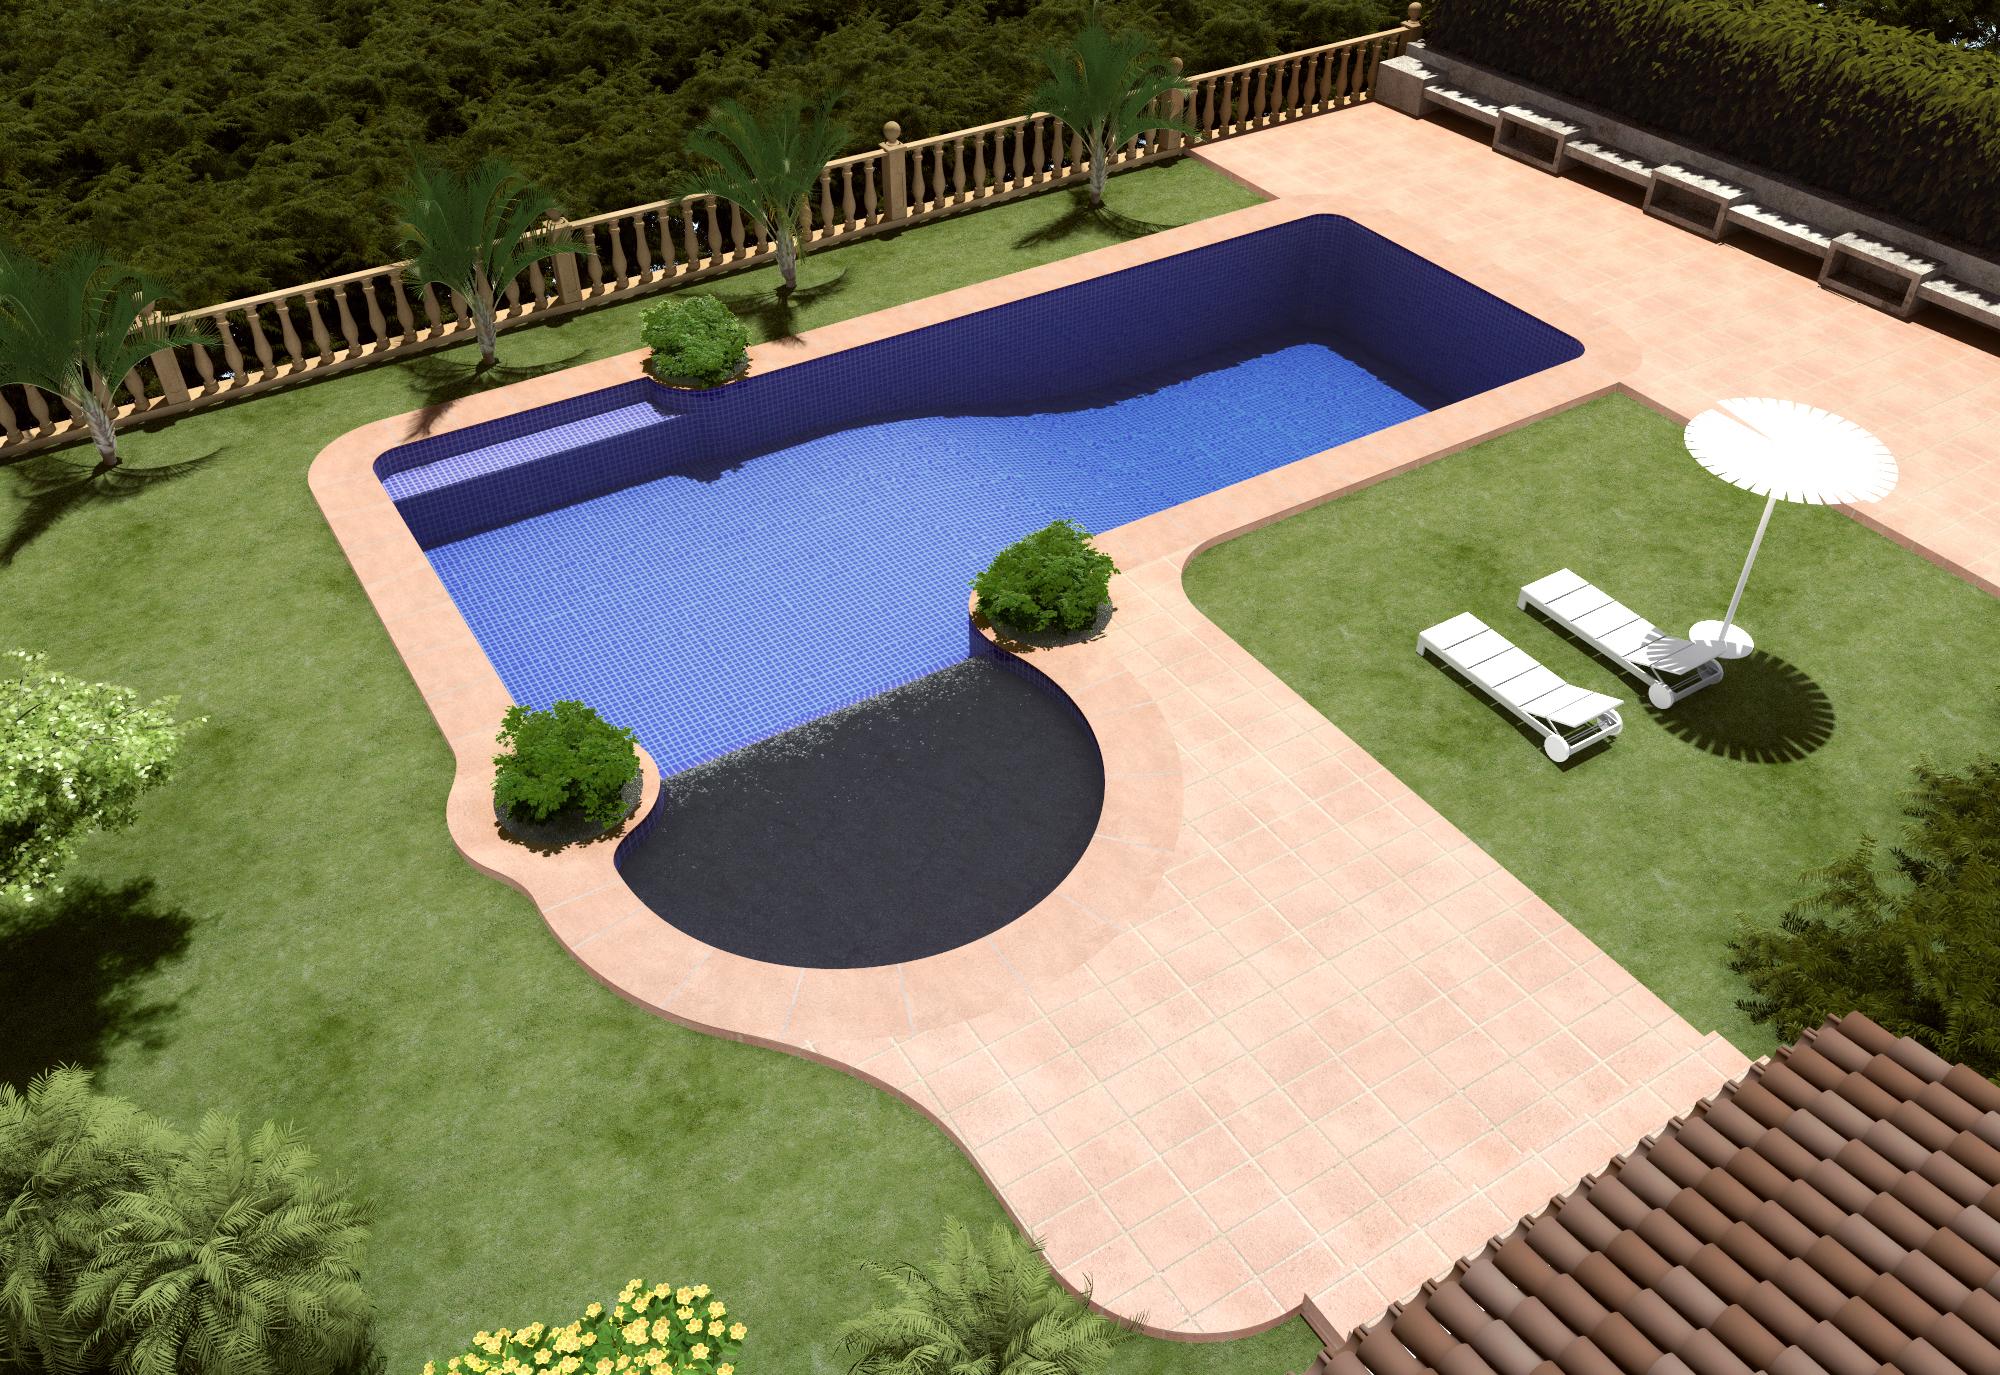 Dise o piscinas 3d casa dise o for Diseno de piscinas pdf